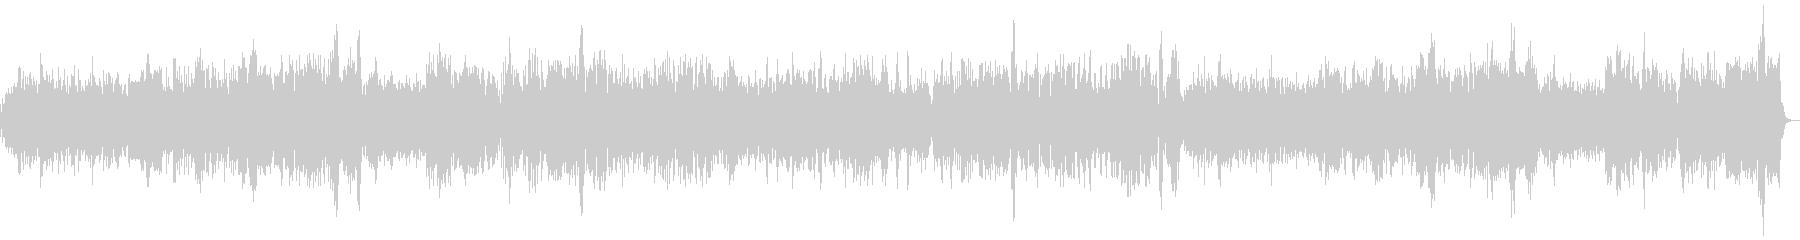 バッハ クラシック パイプオルガンRevの未再生の波形